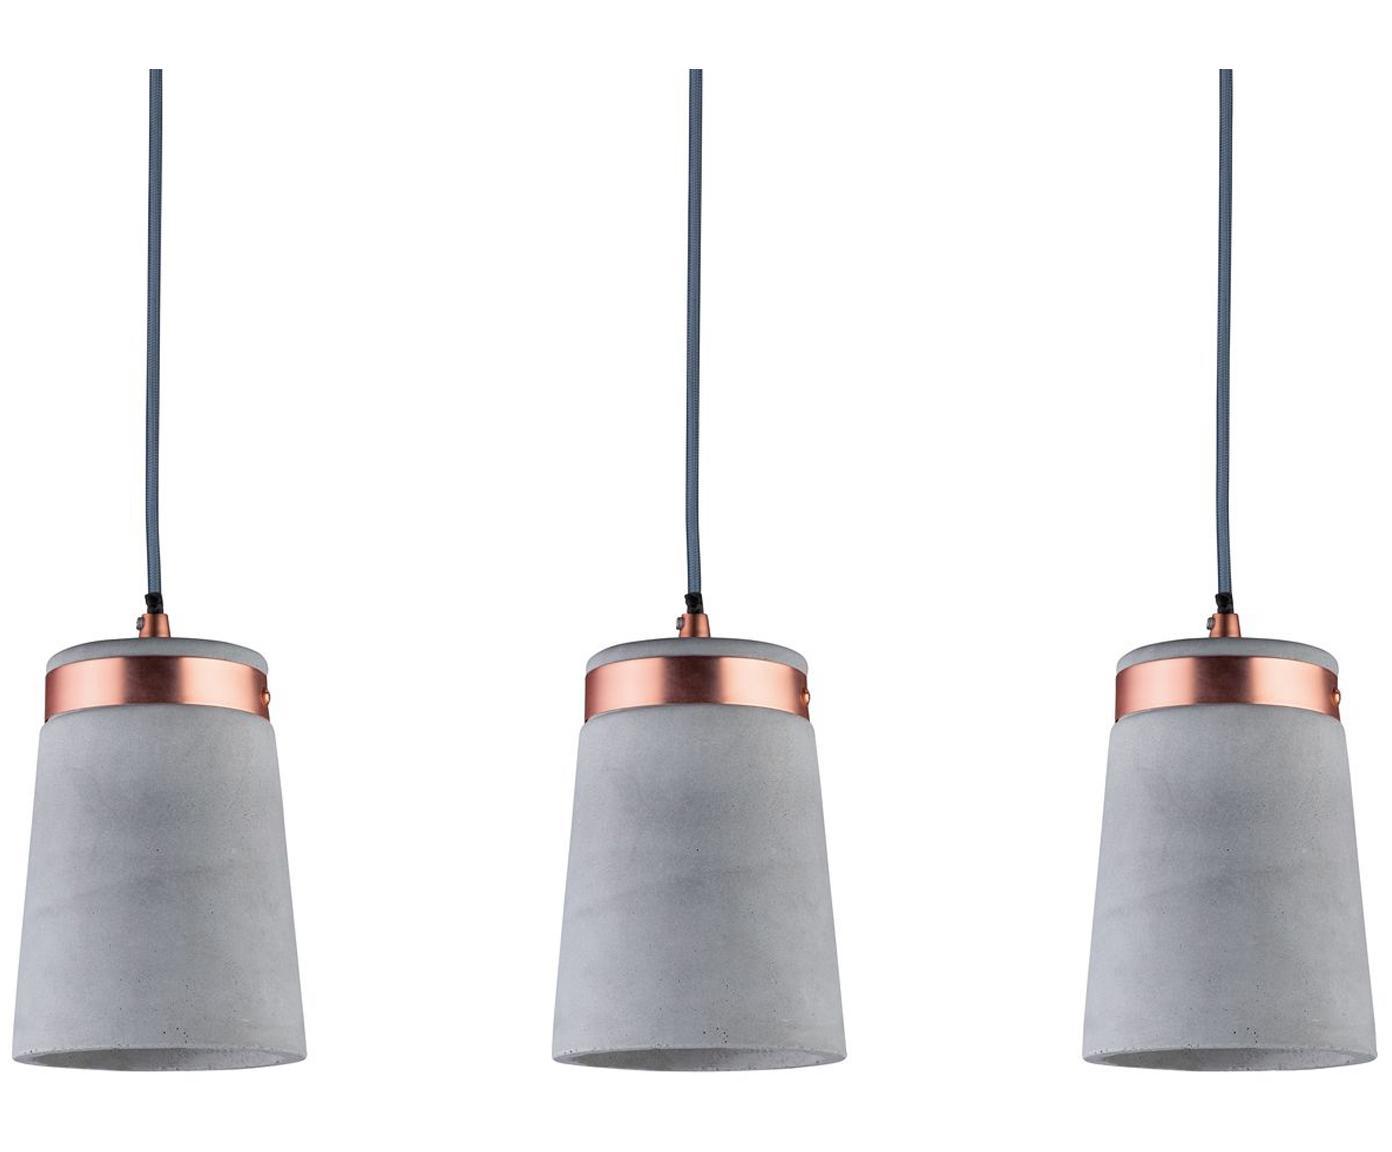 Lampada a sospensione in cemento Stig, Paralume: cemento, Grigio cemento, rame, Larg. 60 x Alt. 17 cm